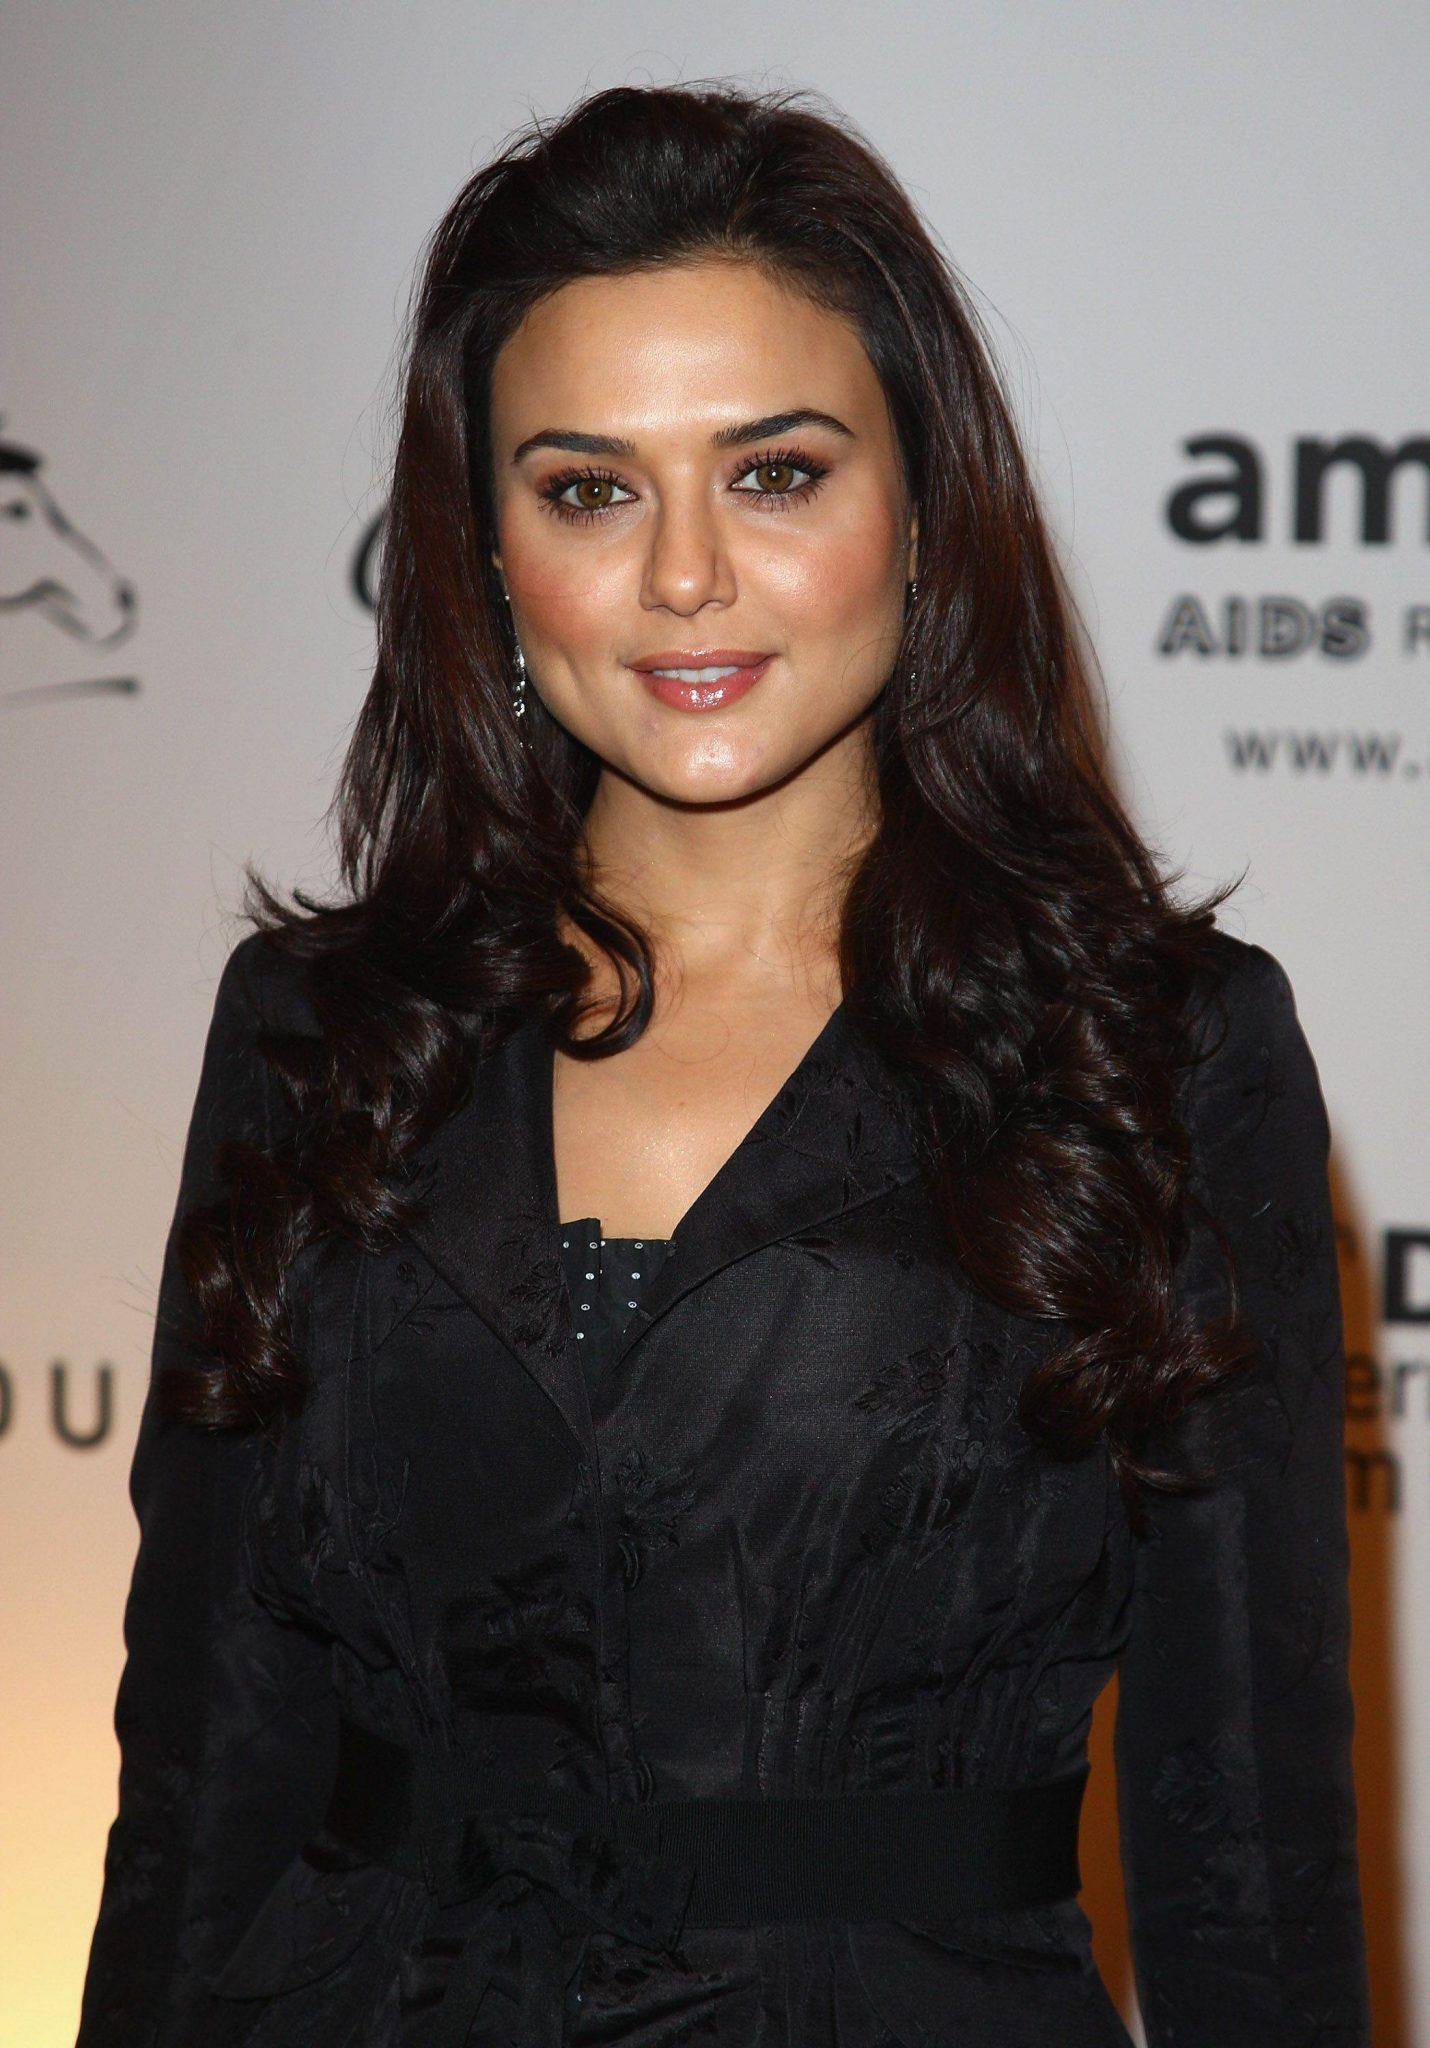 все индийские актрисы фото с именами список этой чайной